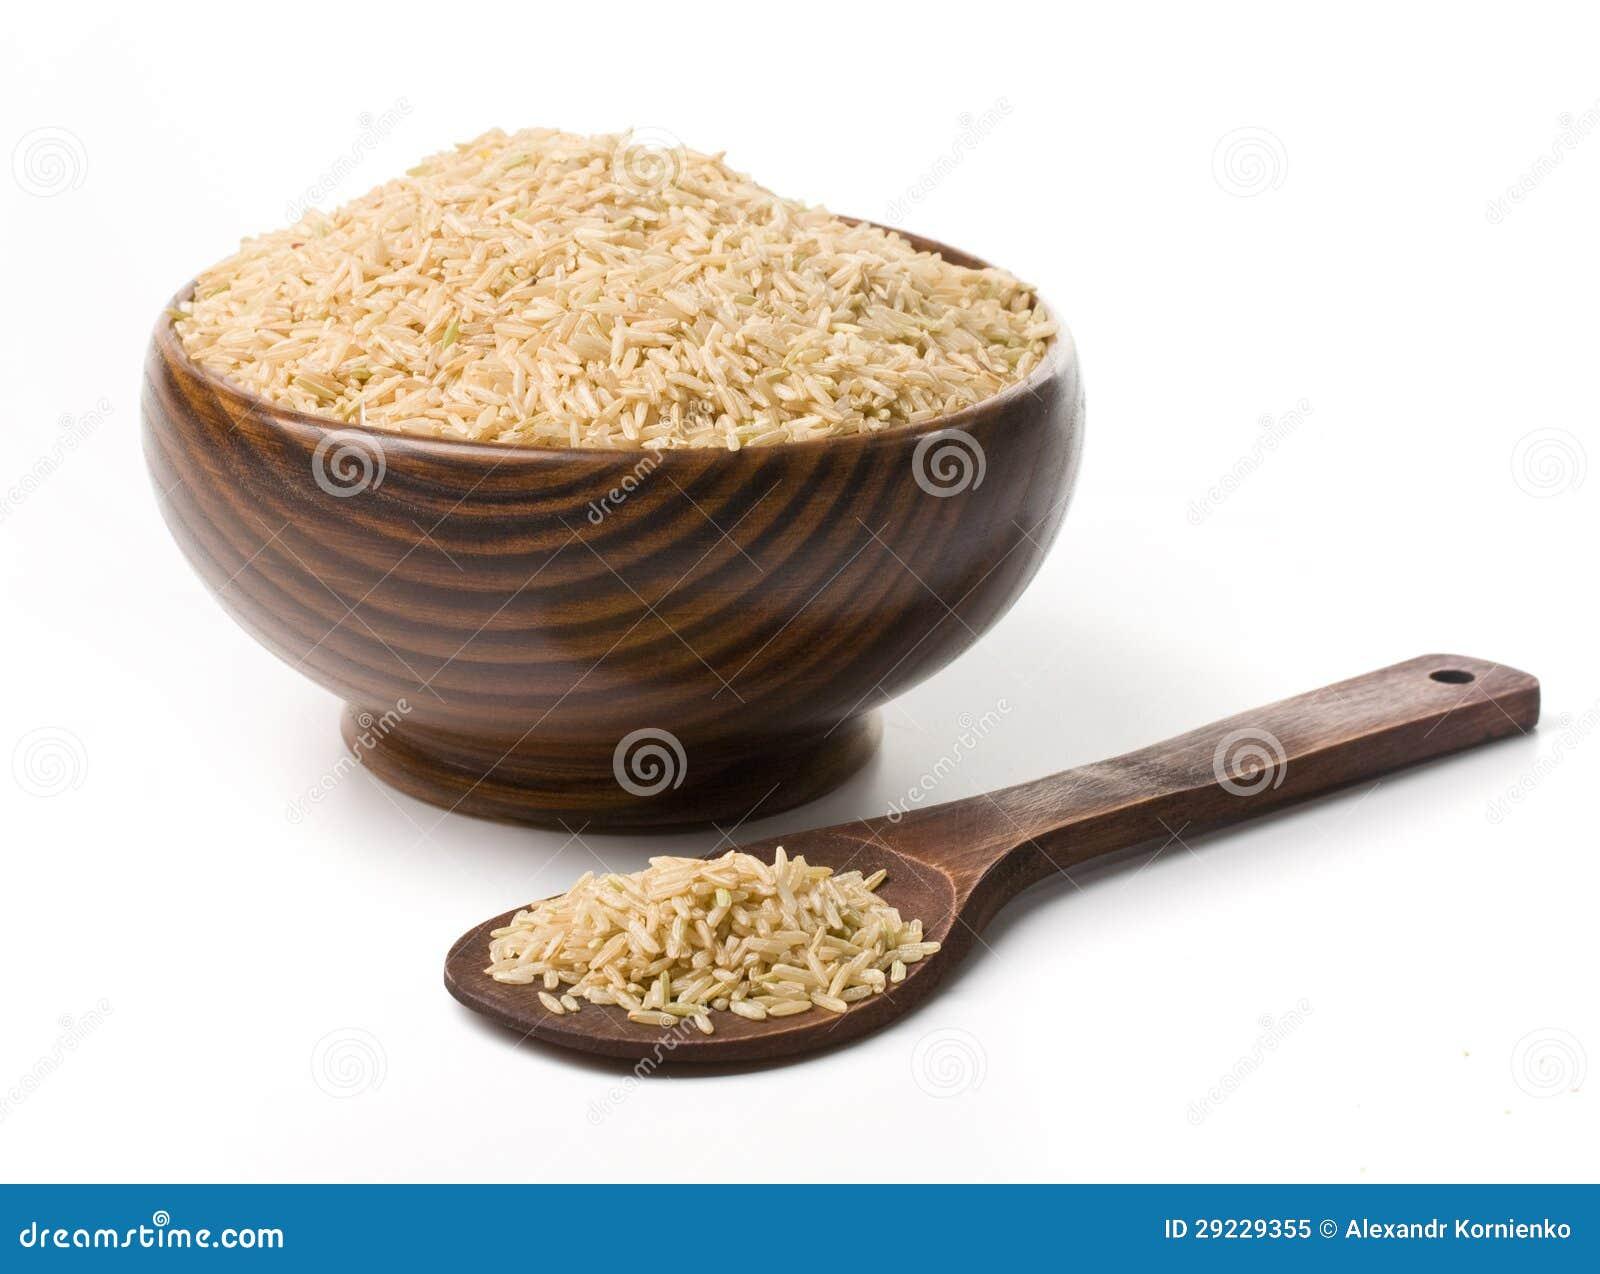 Download Copo com arroz imagem de stock. Imagem de imagem, livre - 29229355